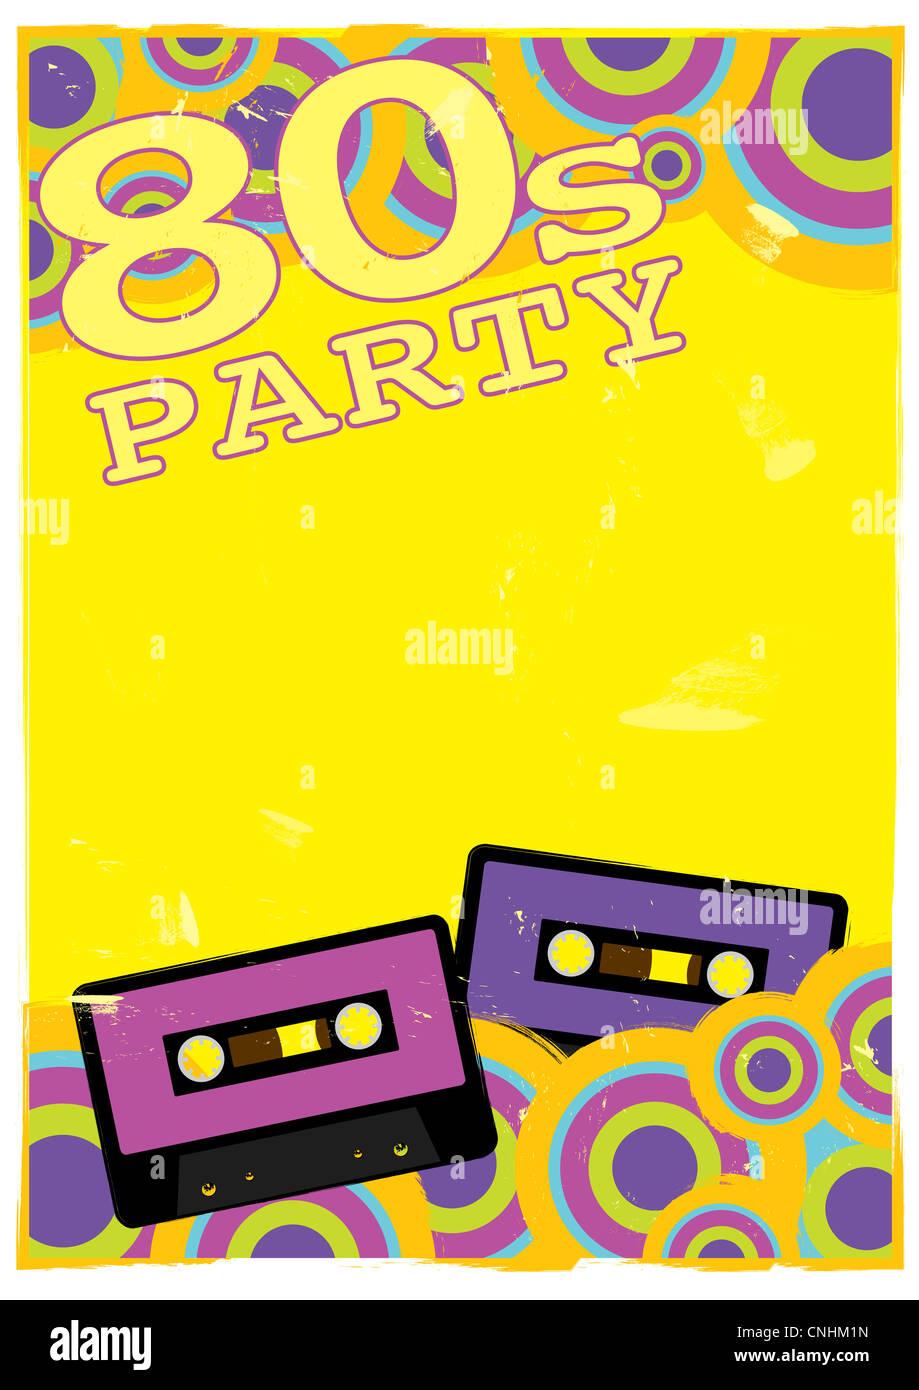 Poster retrò - 80s Party Flyer con Audio cassetta a nastro Immagini Stock